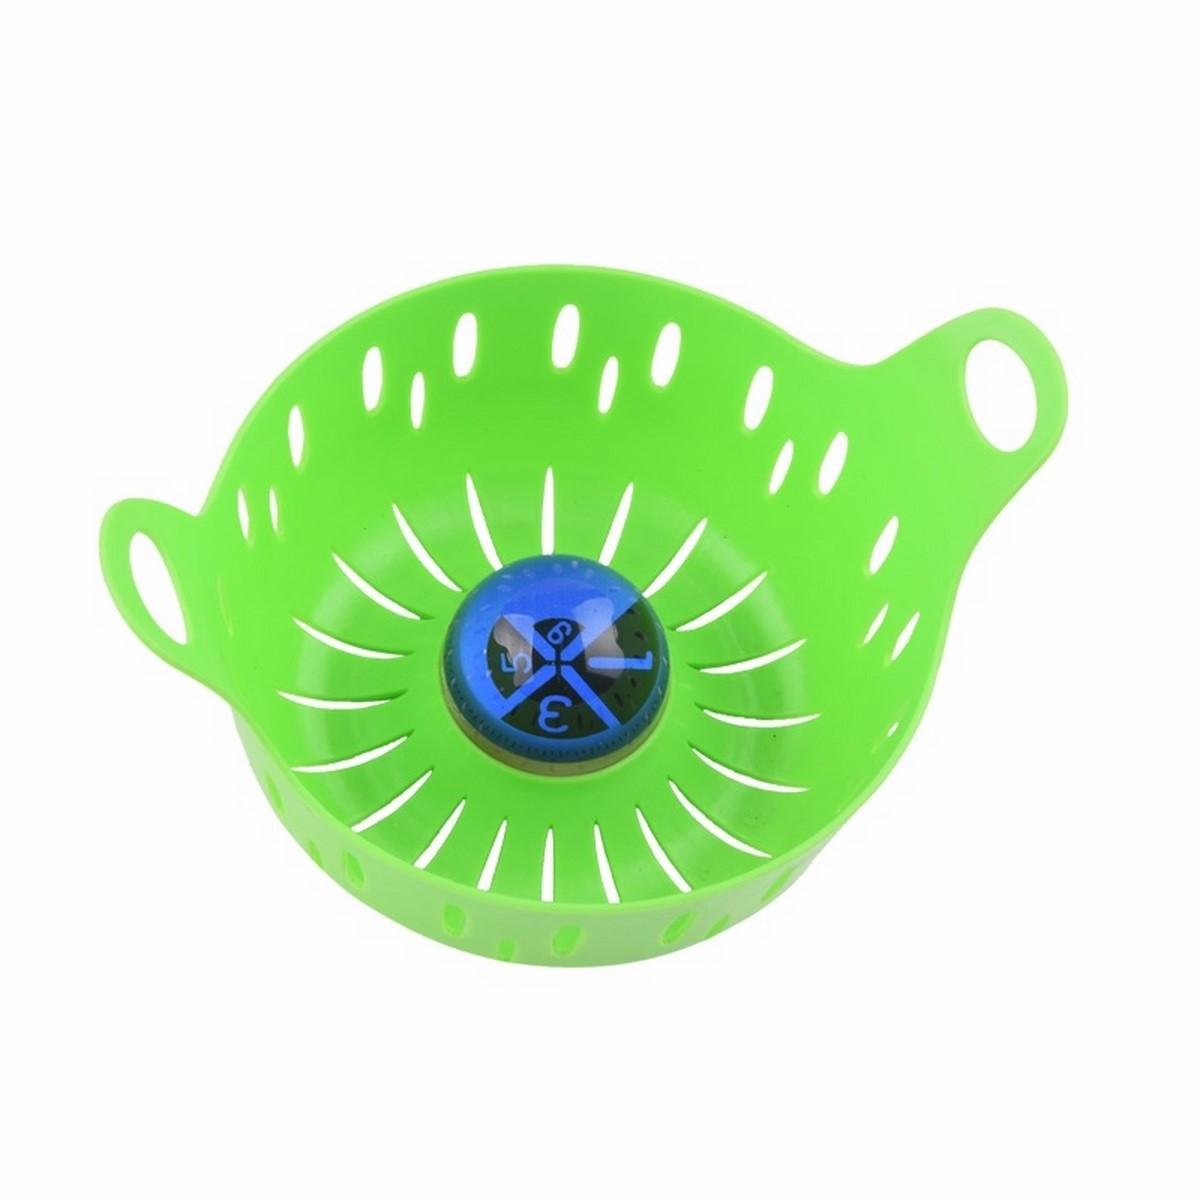 Корзинка для варки яиц Ругес Луко, с индикатором , цвет: зеленыйK-6Варка яиц процесс вроде бы простейший, но! Аккуратно разместить яйца, засечь время, уследить за минутами, извлечь из кипятка. Мы стараемся не замечать этих сложностей, потому что воспринимаем их как неизбежность. Корзина для варки яиц с таймером Луко легко убирает все сопутствующие хлопоты из нашей жизни! Вы кладете яйца в корзину, за удобные ручки ставите в холодную воду и достаете из горячей, а встроенный таймер наглядно демонстрирует время варки. Сектора на таймере предусмотрены для одной, трех, шести и девяти минут. Выбирайте нужную степень готовности и не следите за временем! Диаметр: 15,5 см. Вес: 128 гр. Шкала: 1, 3, 6, 9 минут. Вмещает до 6 яиц одновременно. Инструкция на русском языке.